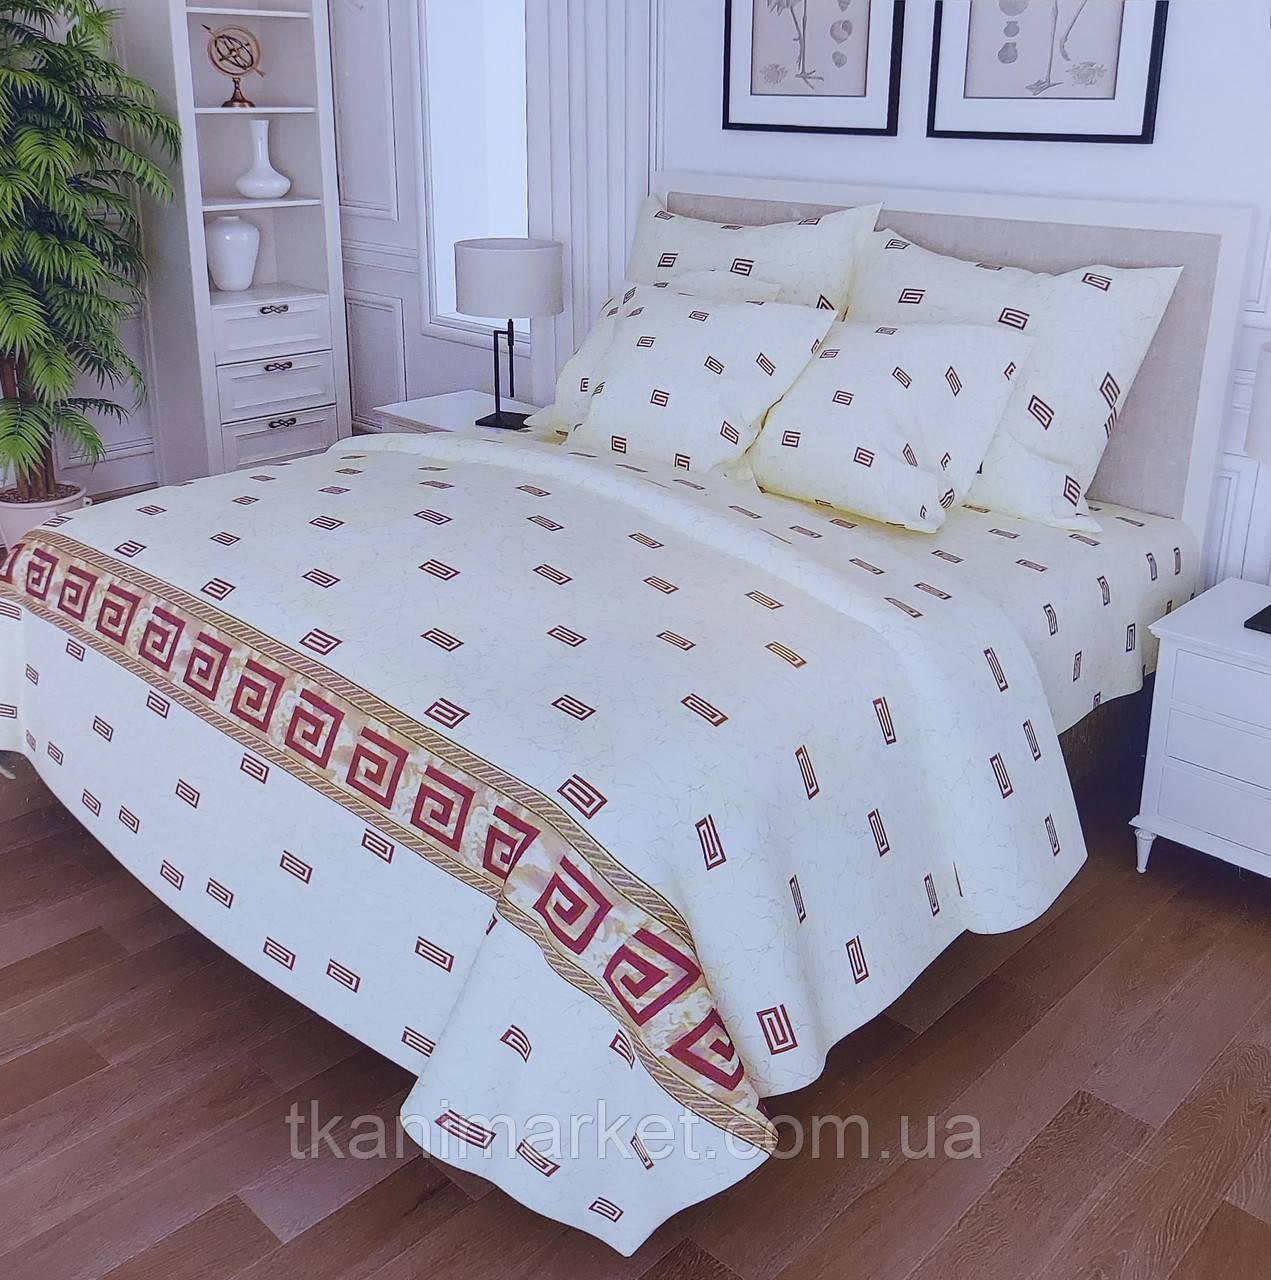 Бязь Gold Lux GL17 постільна тканина Пакистан